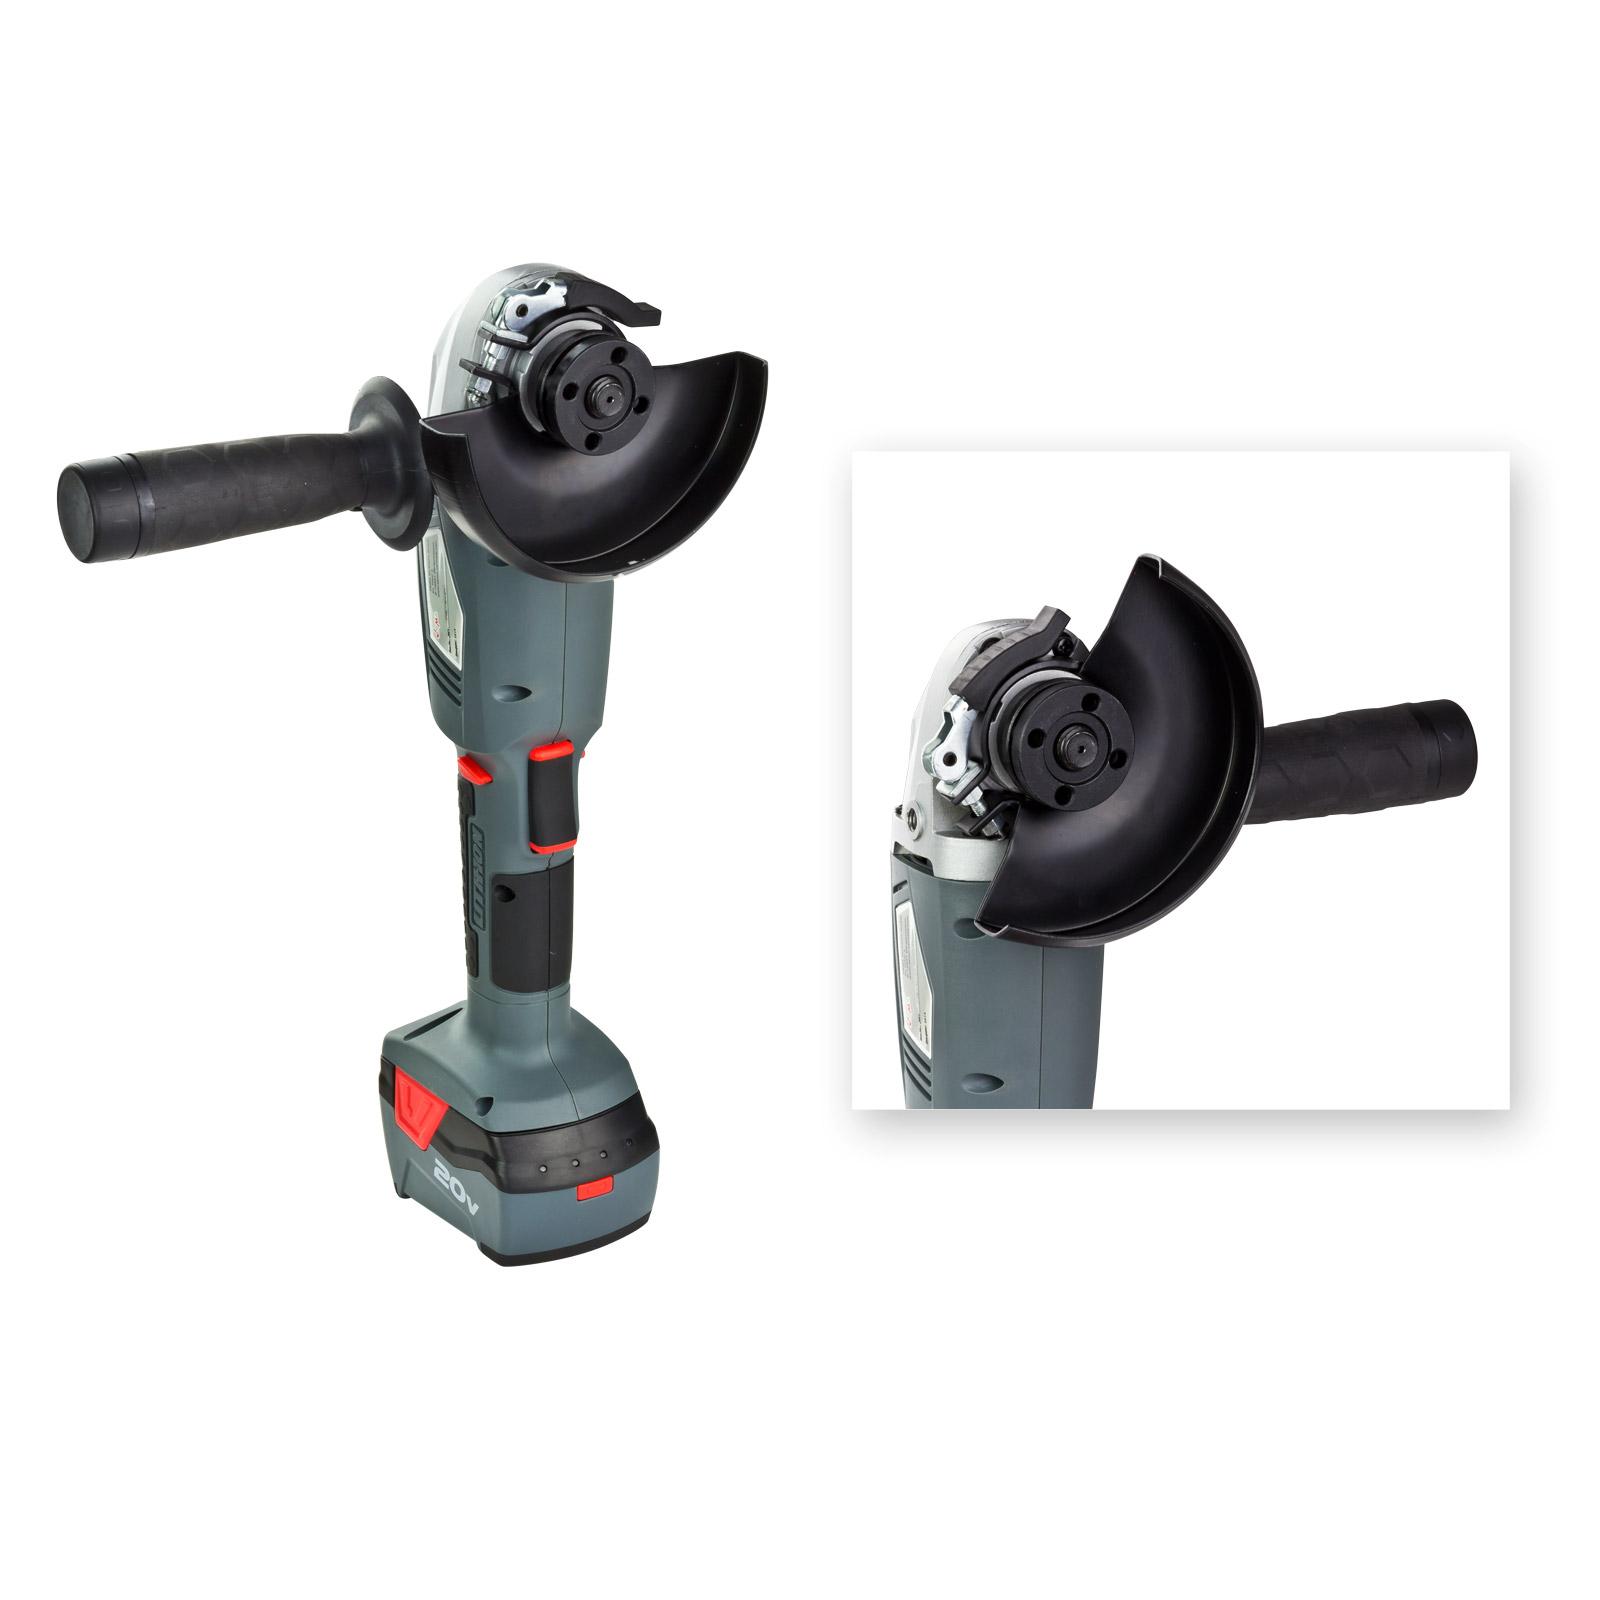 akku winkelschleifer 20v li ion flex schleifer 015213 917893 ebay. Black Bedroom Furniture Sets. Home Design Ideas